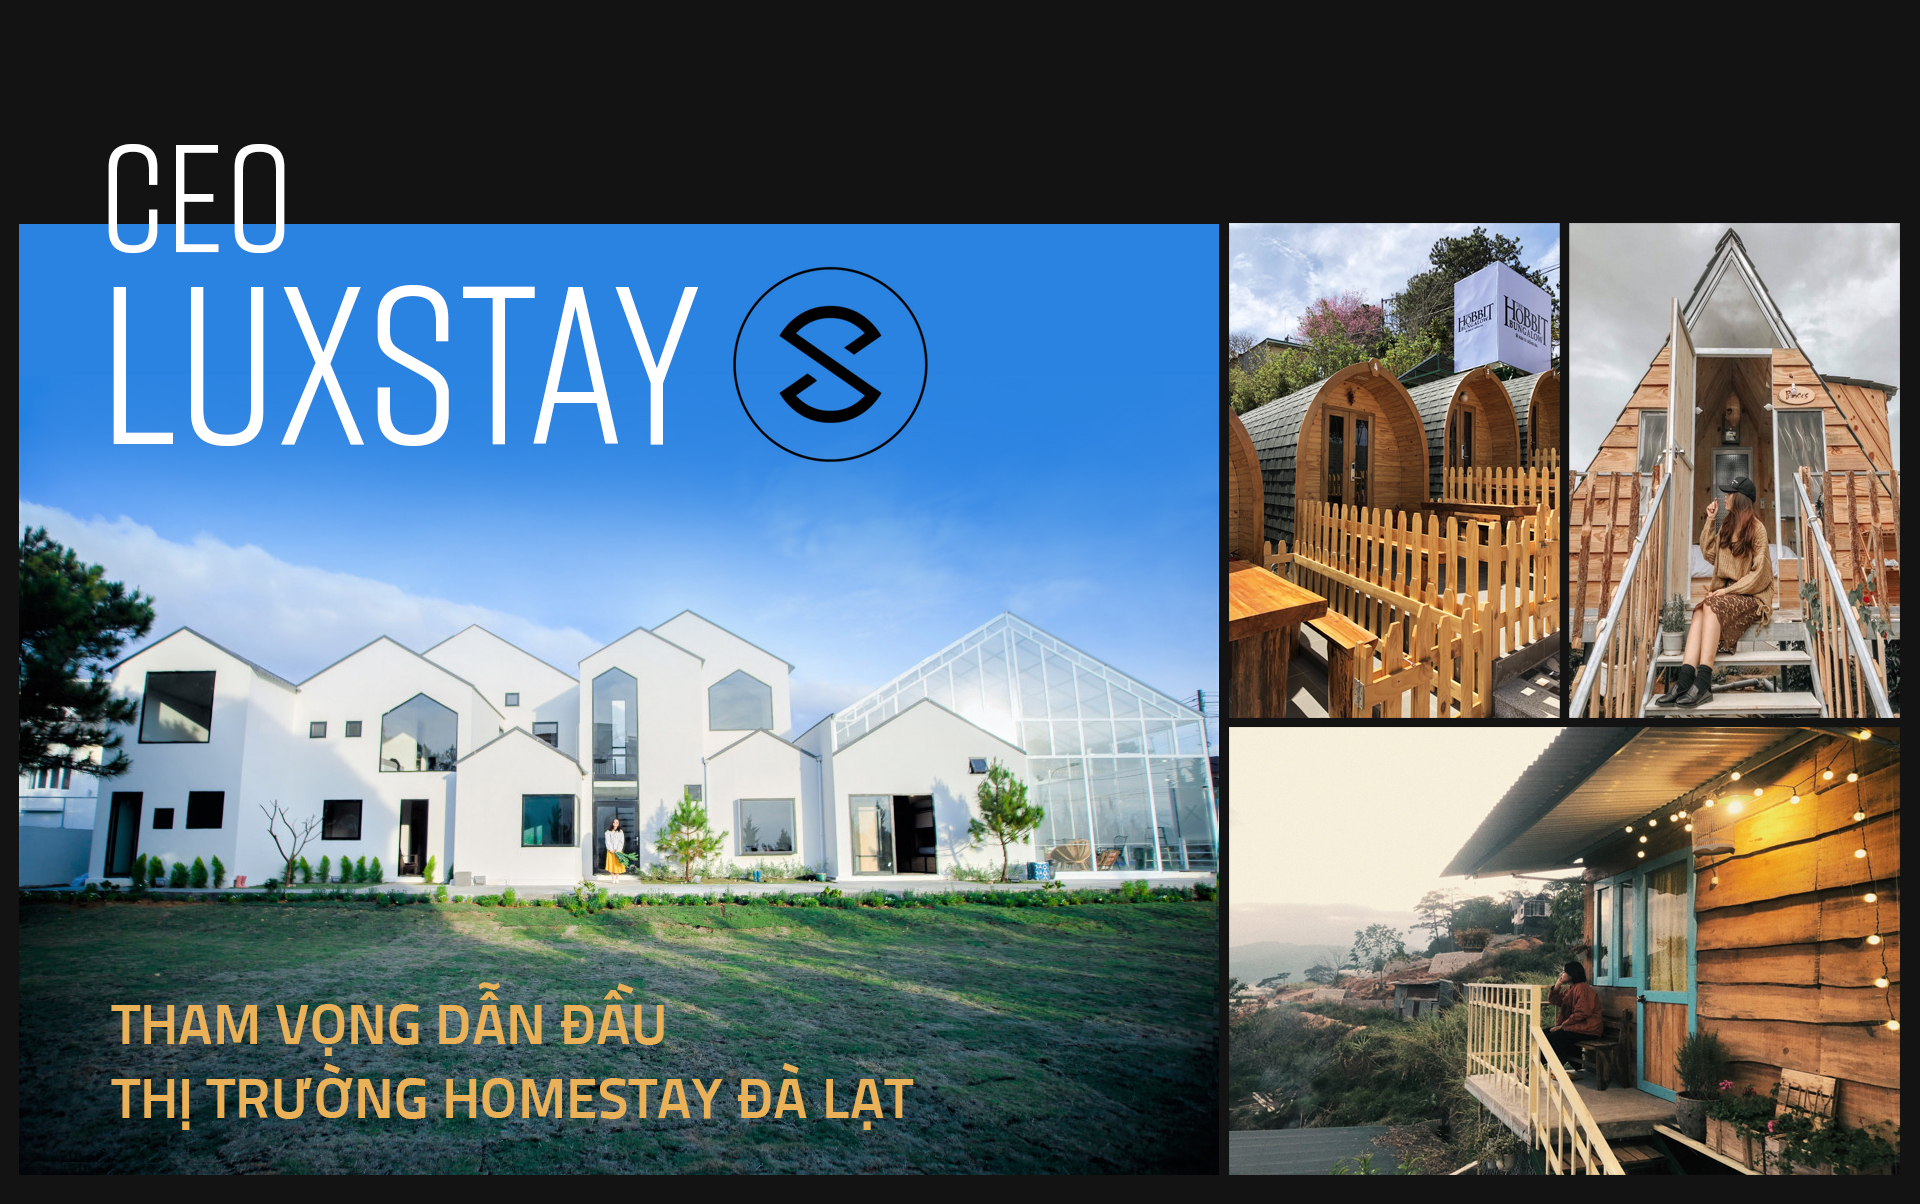 CEO Luxstay tham vọng dẫn đầu thị trường homestay Đà Lạt